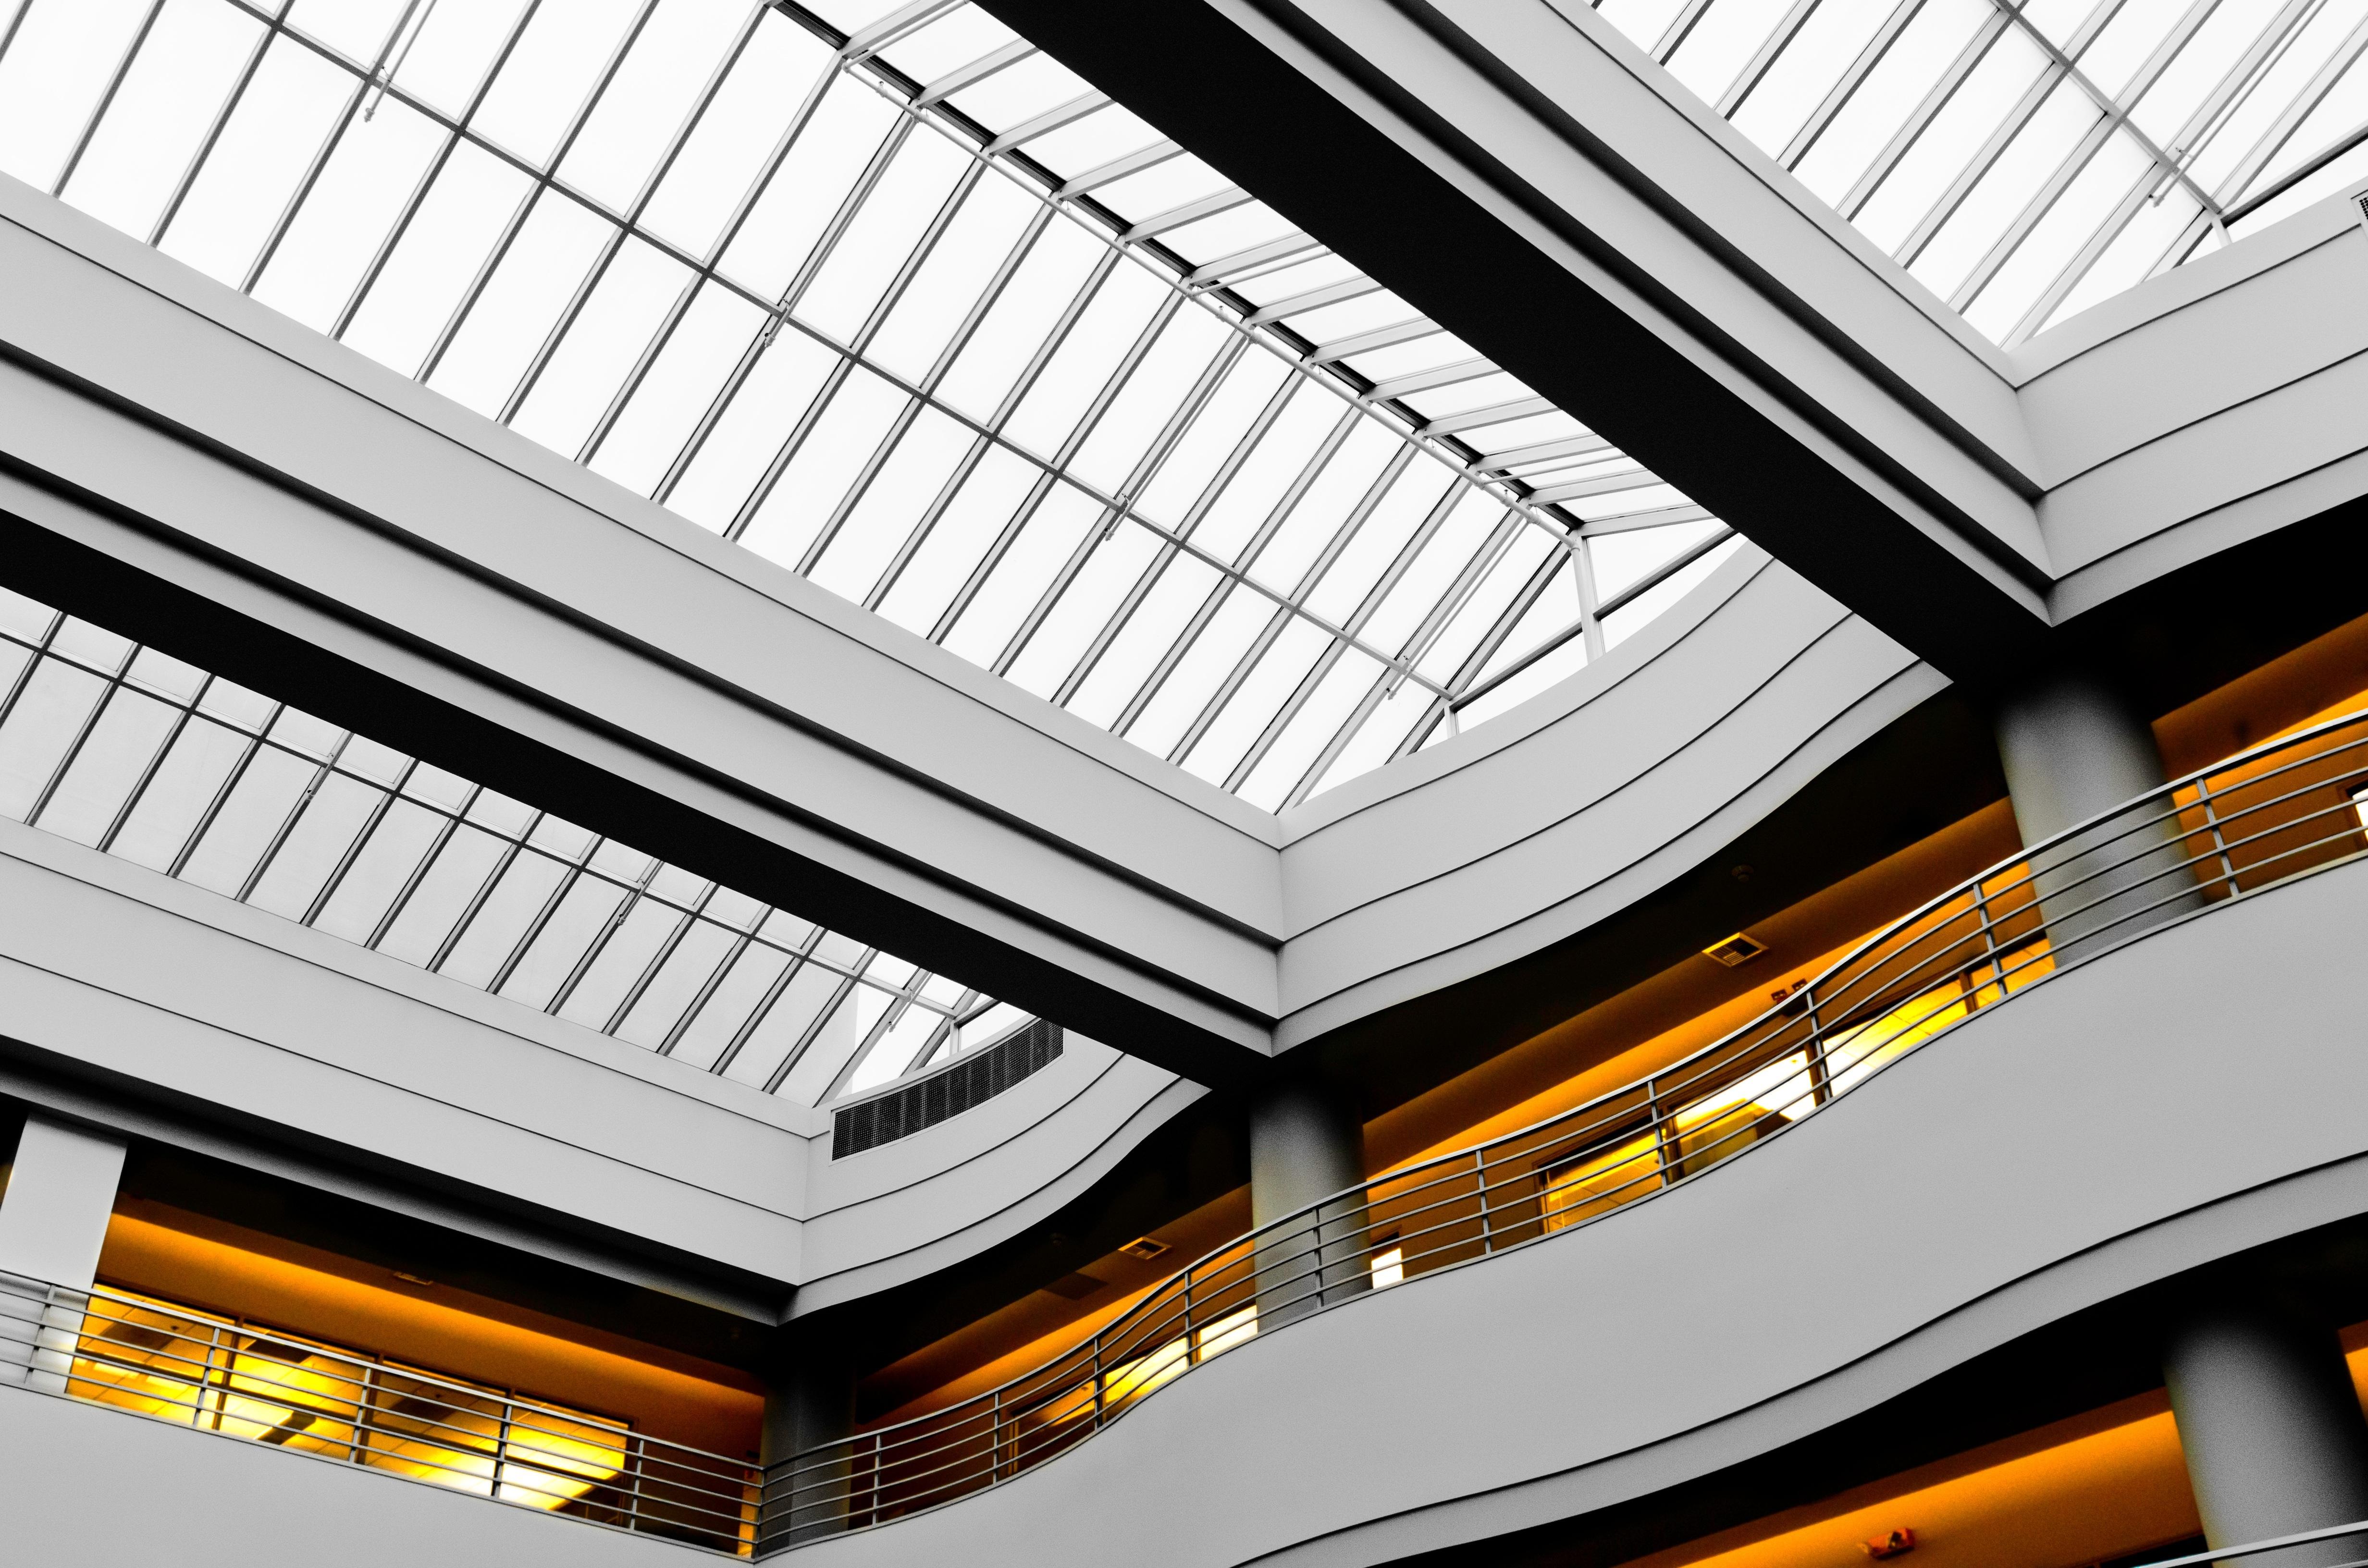 Kostenlose foto : die Architektur, Auditorium, Innere, Fenster, Glas ...